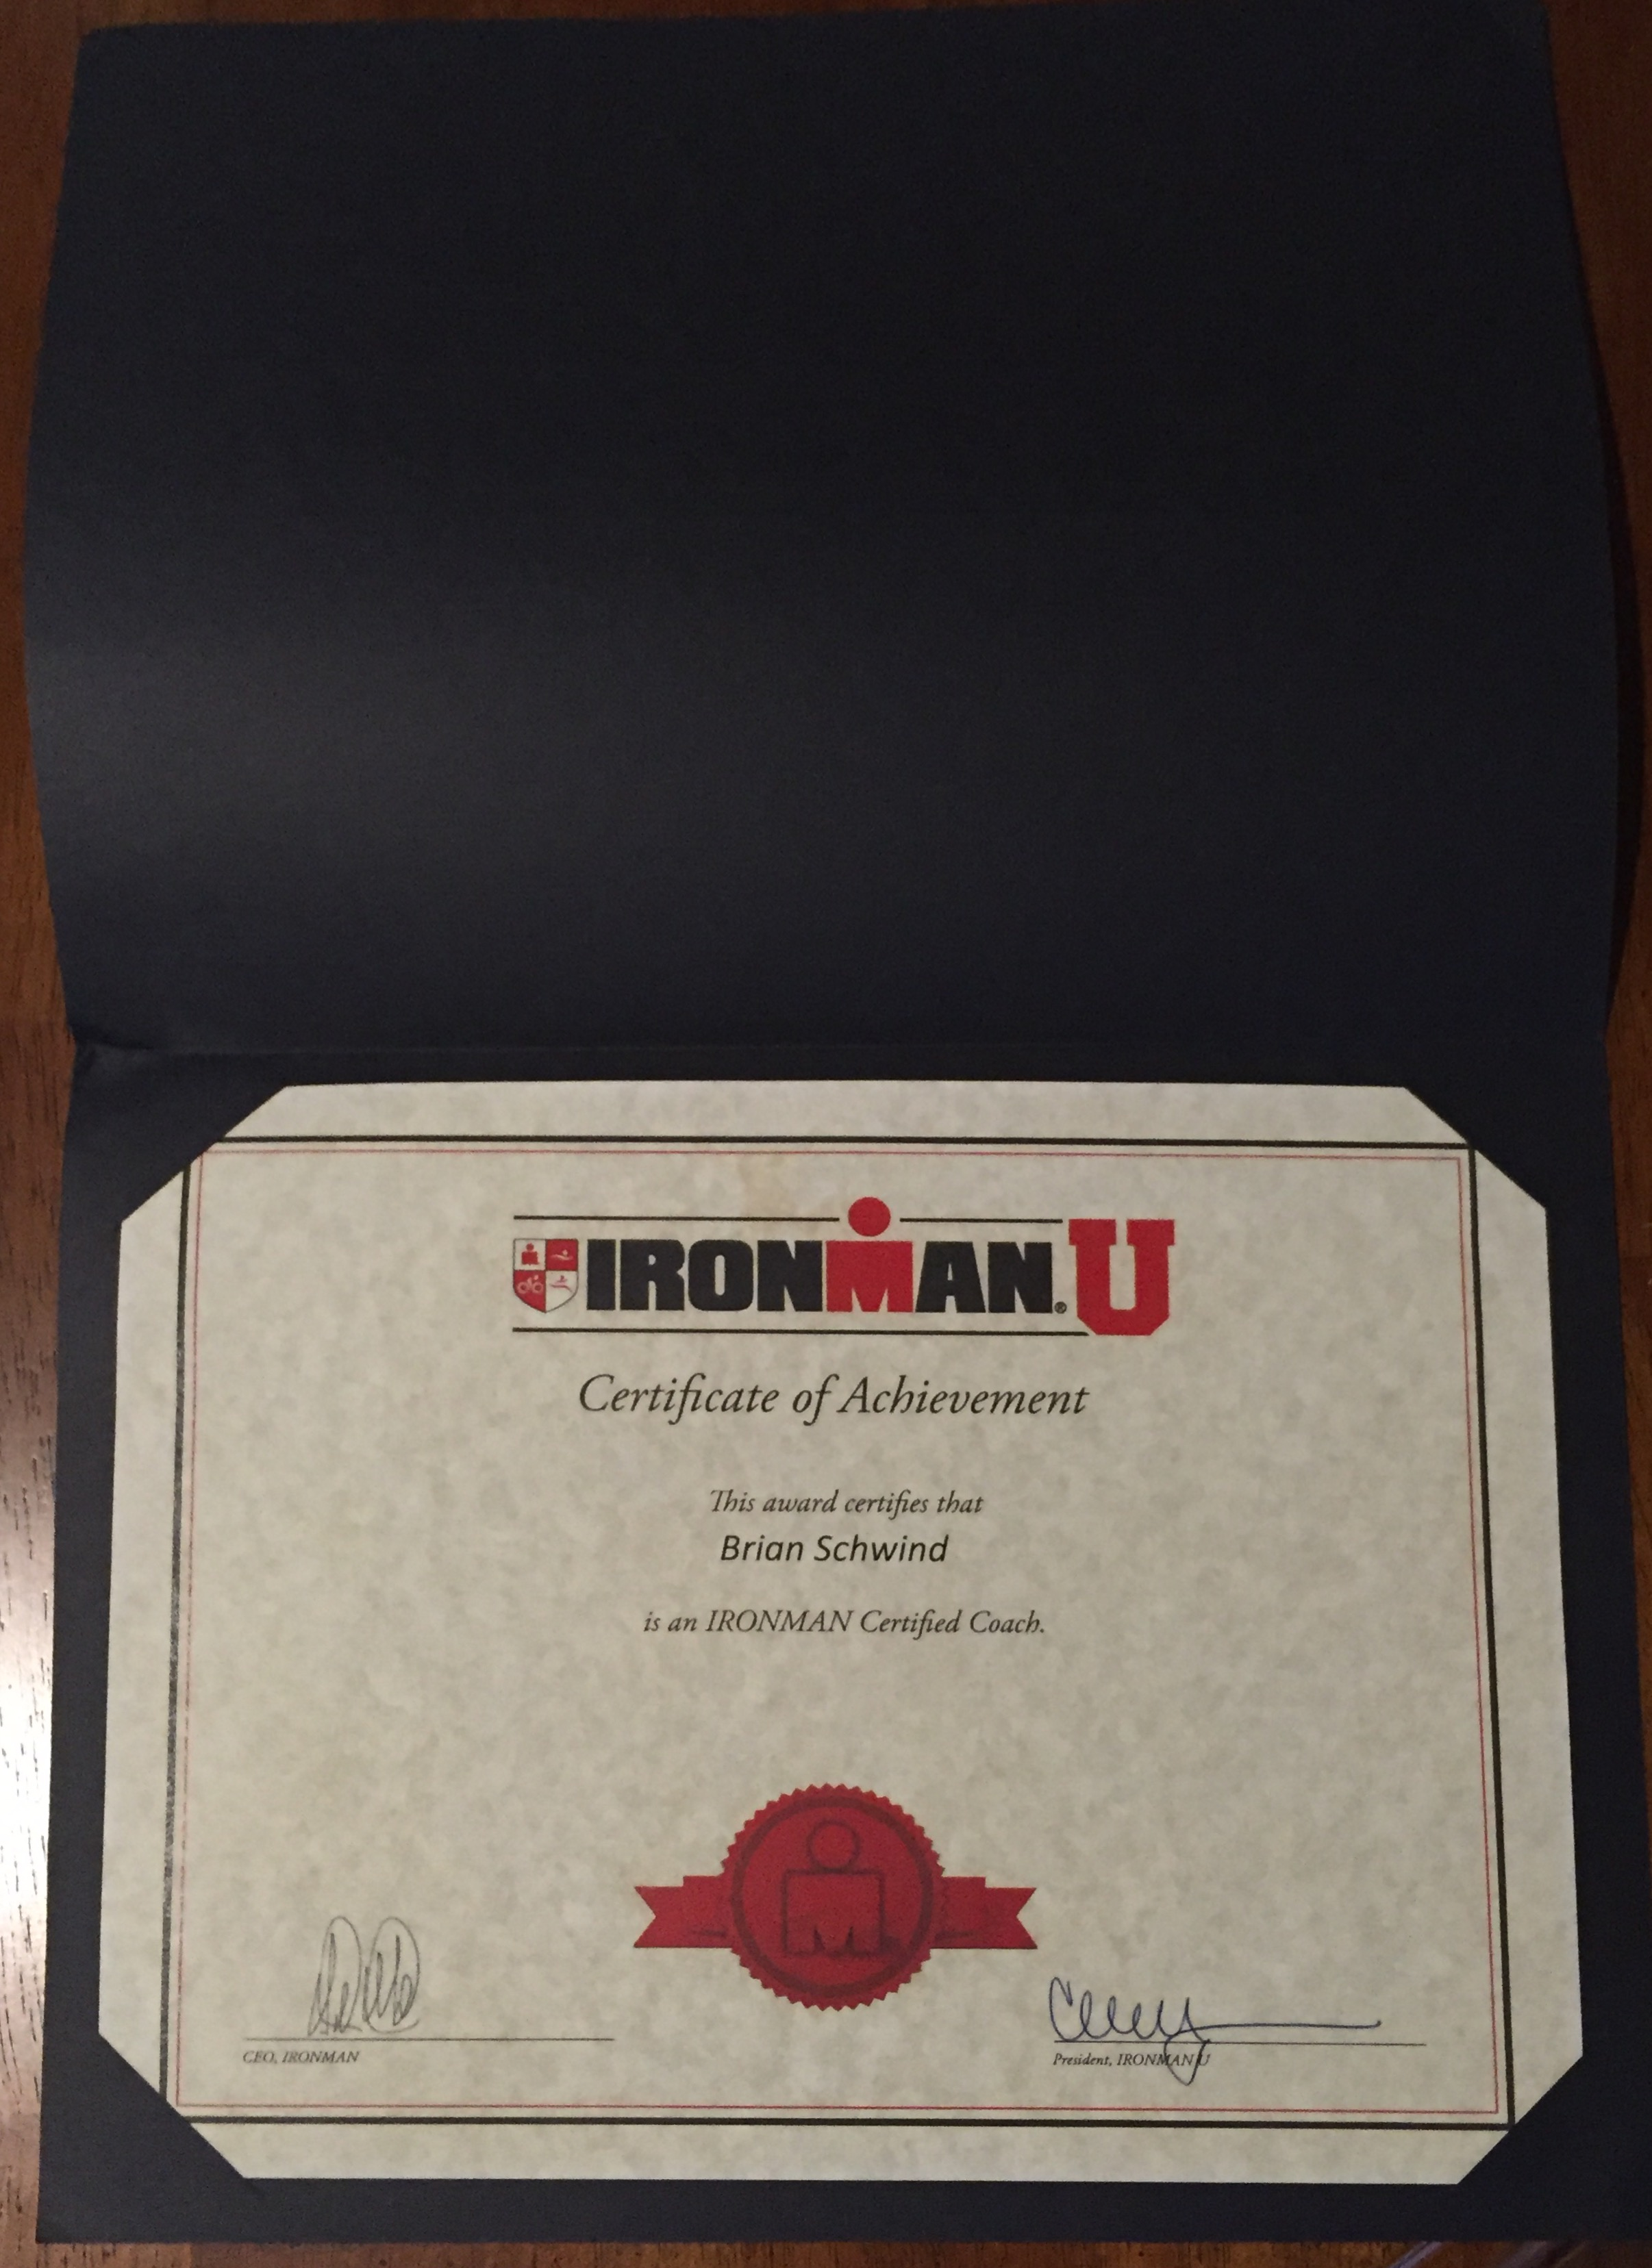 ronman University Coaching Certificate